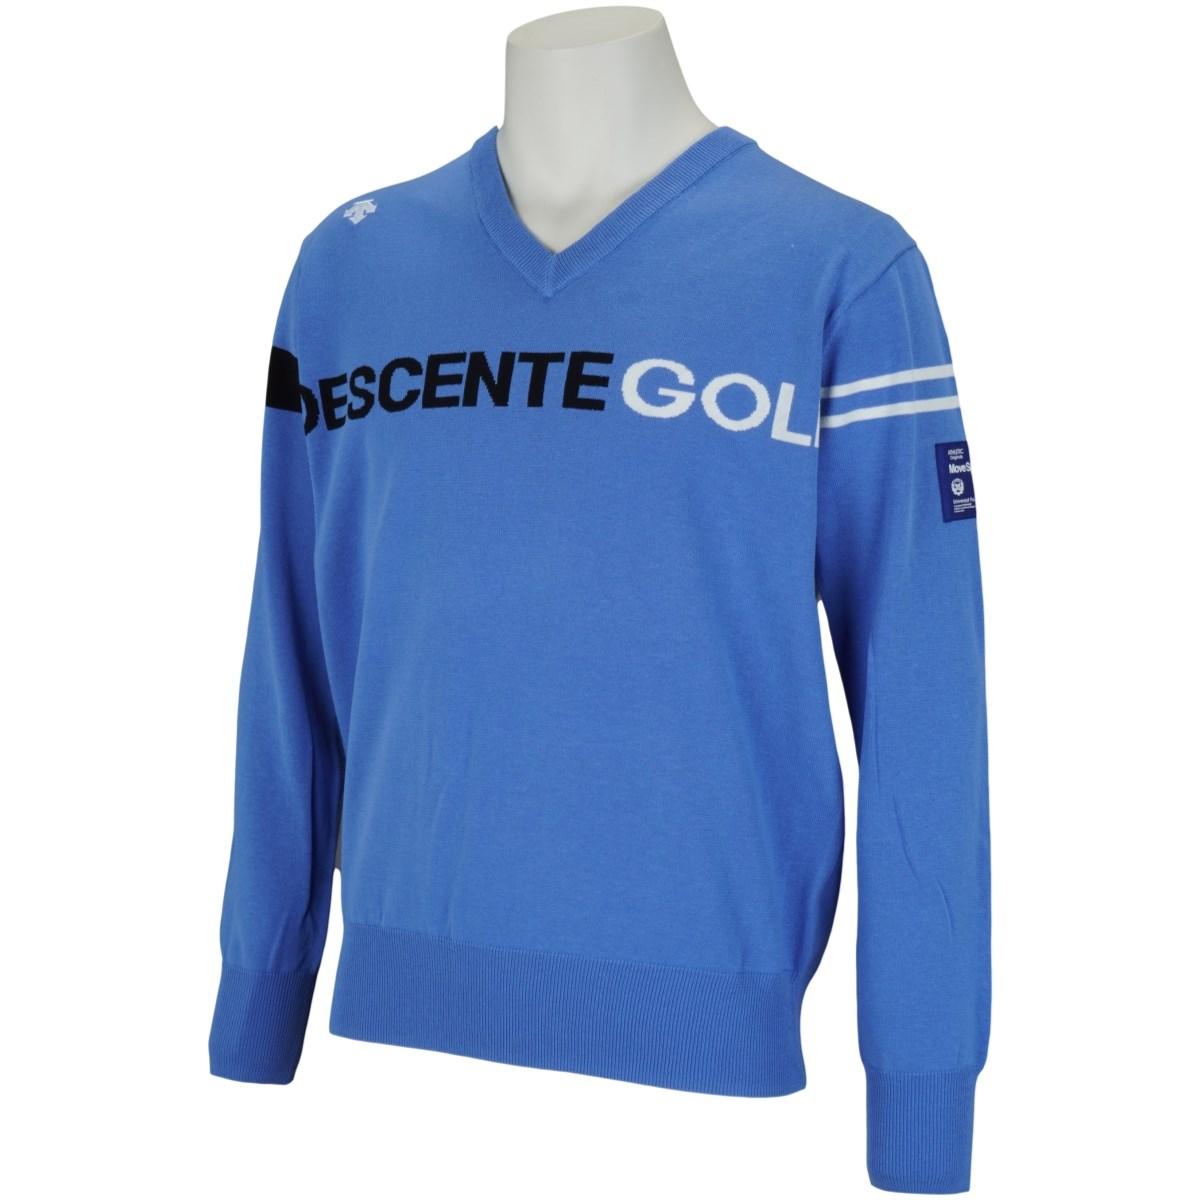 デサントゴルフ(DESCENTE GOLF) BLUE LABEL インターシャVネック セーター